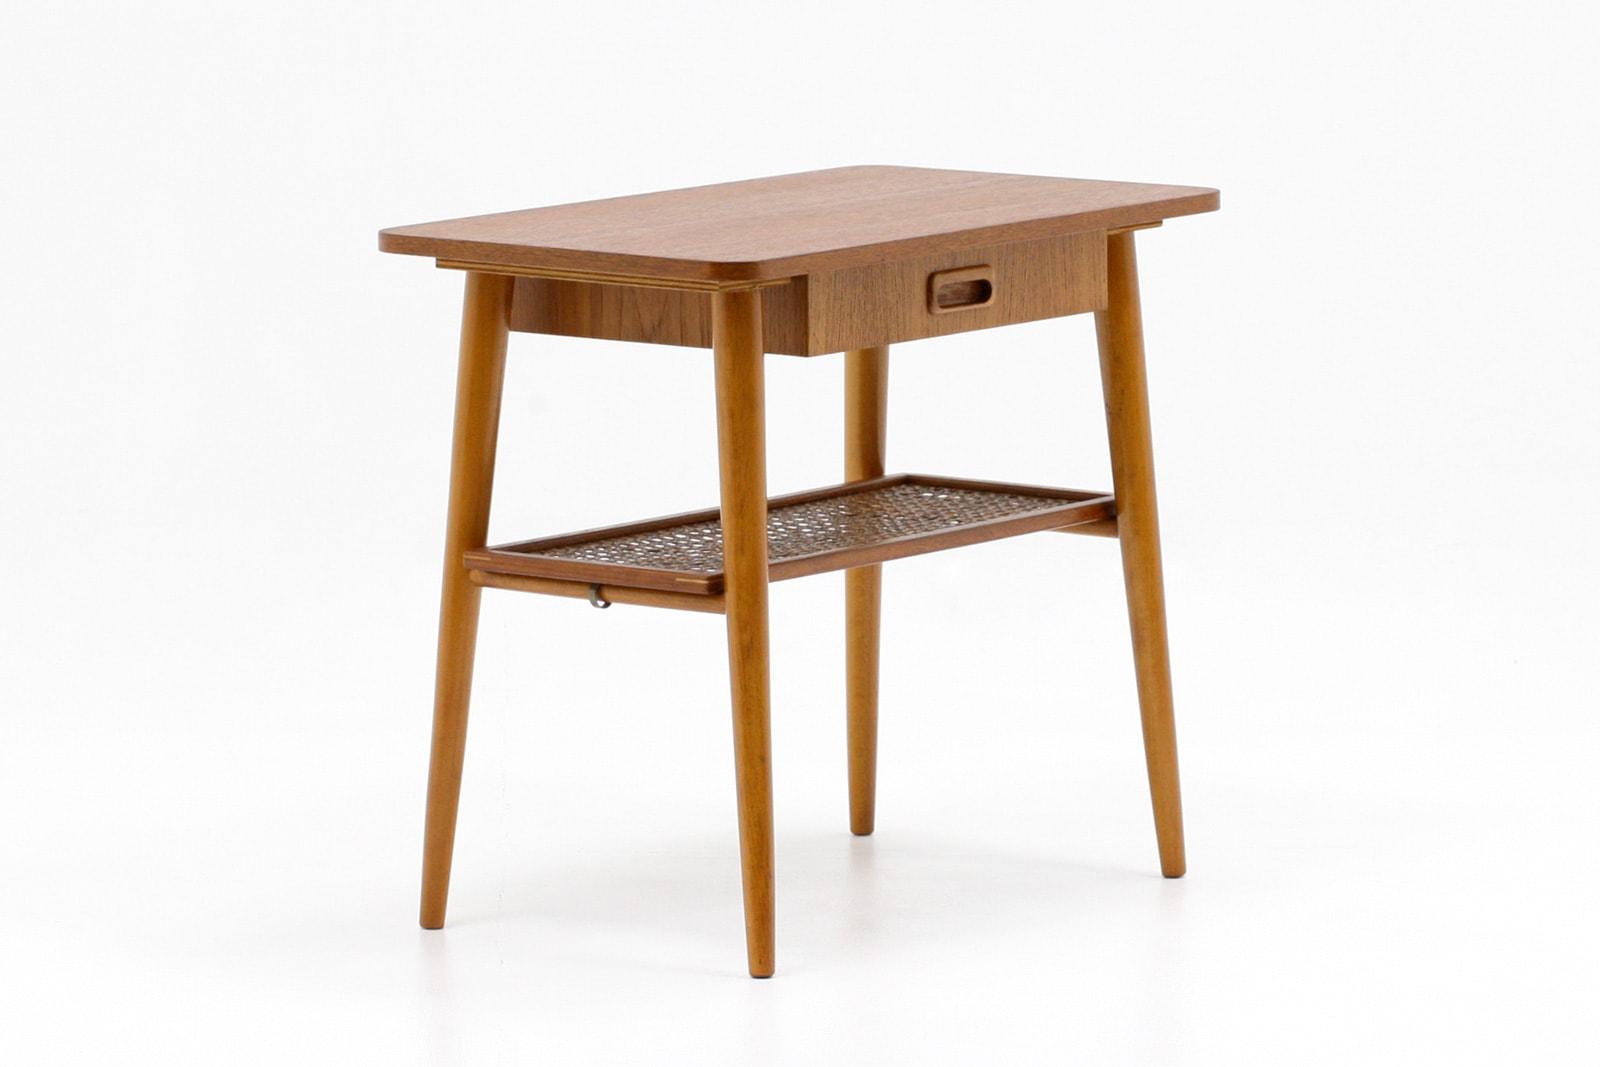 北欧,ヴィンテージ家具,サイドテーブル,籐の棚,スウェーデン